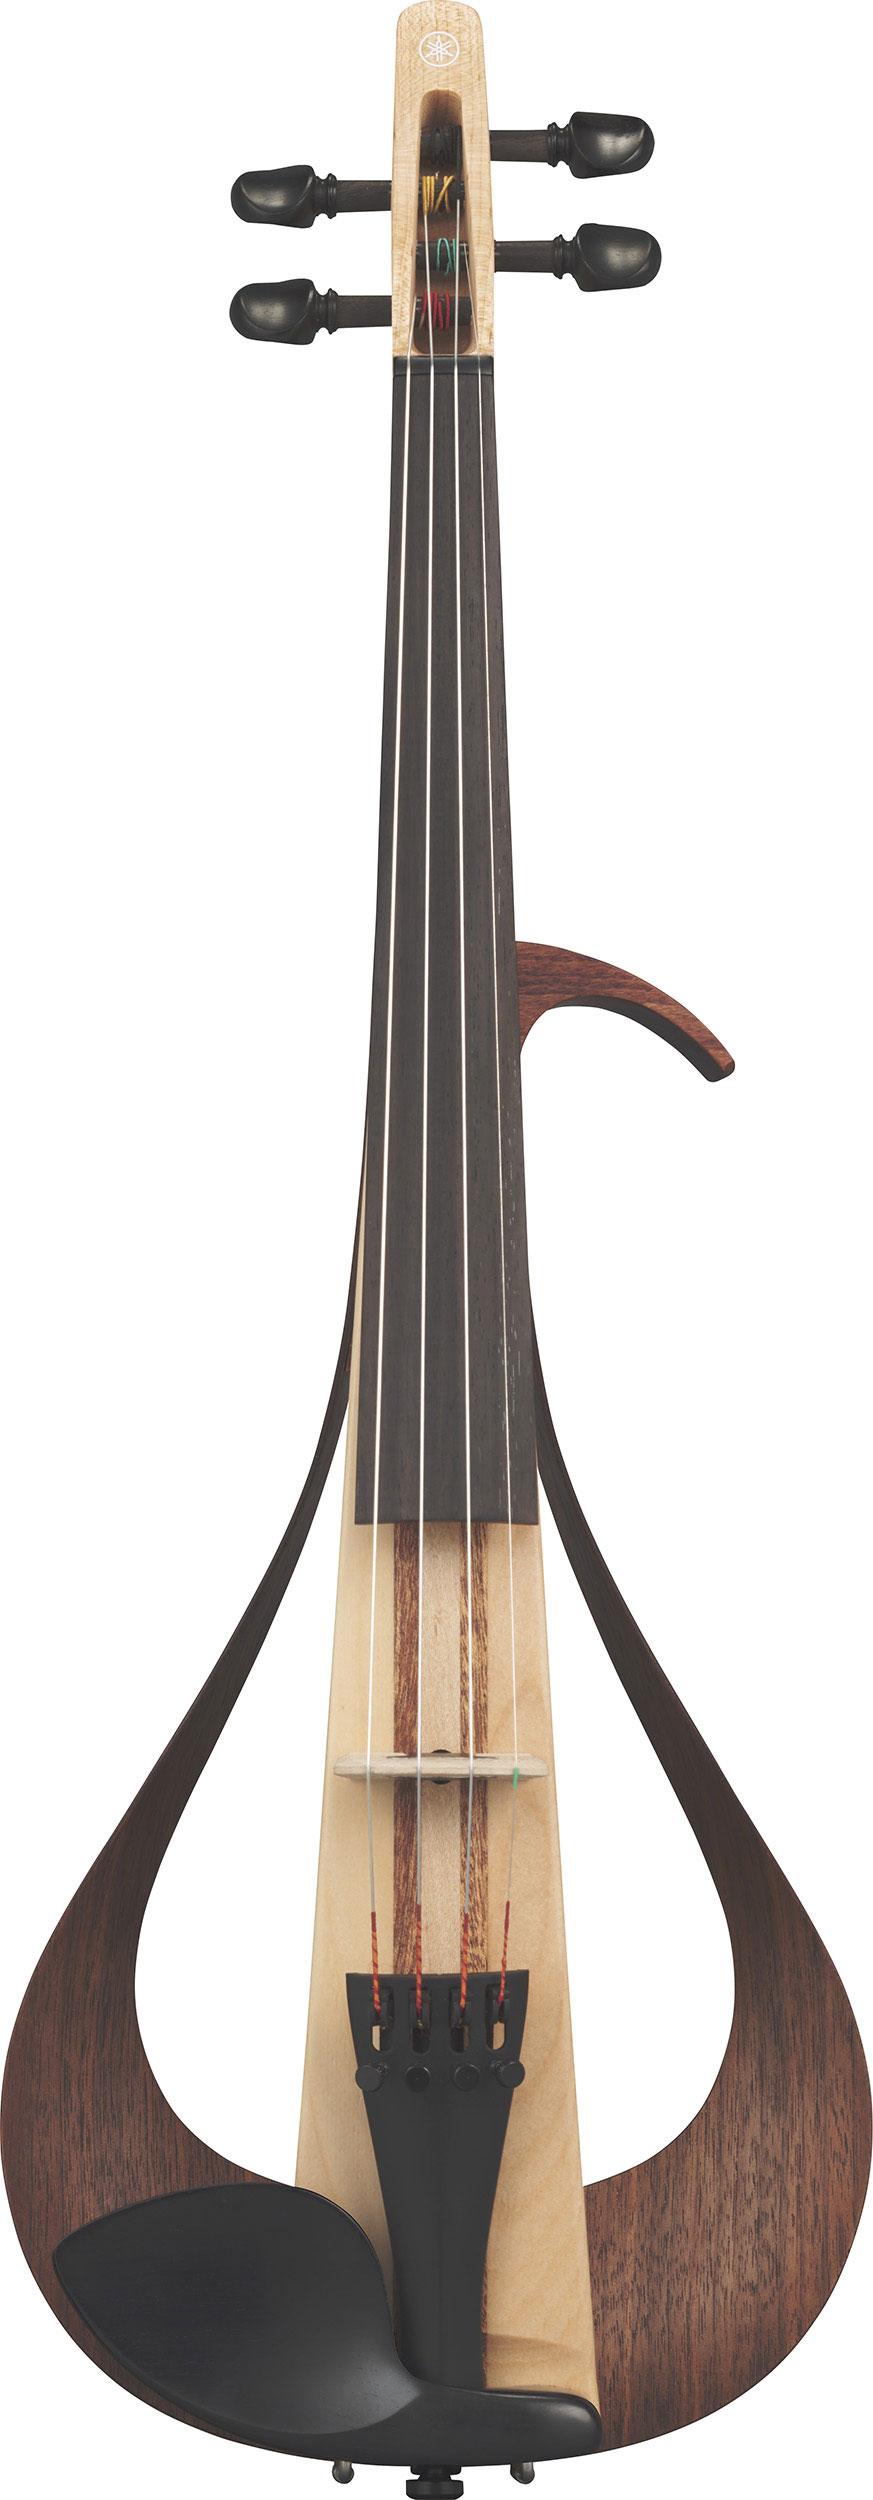 Electric violin - Wikipedia